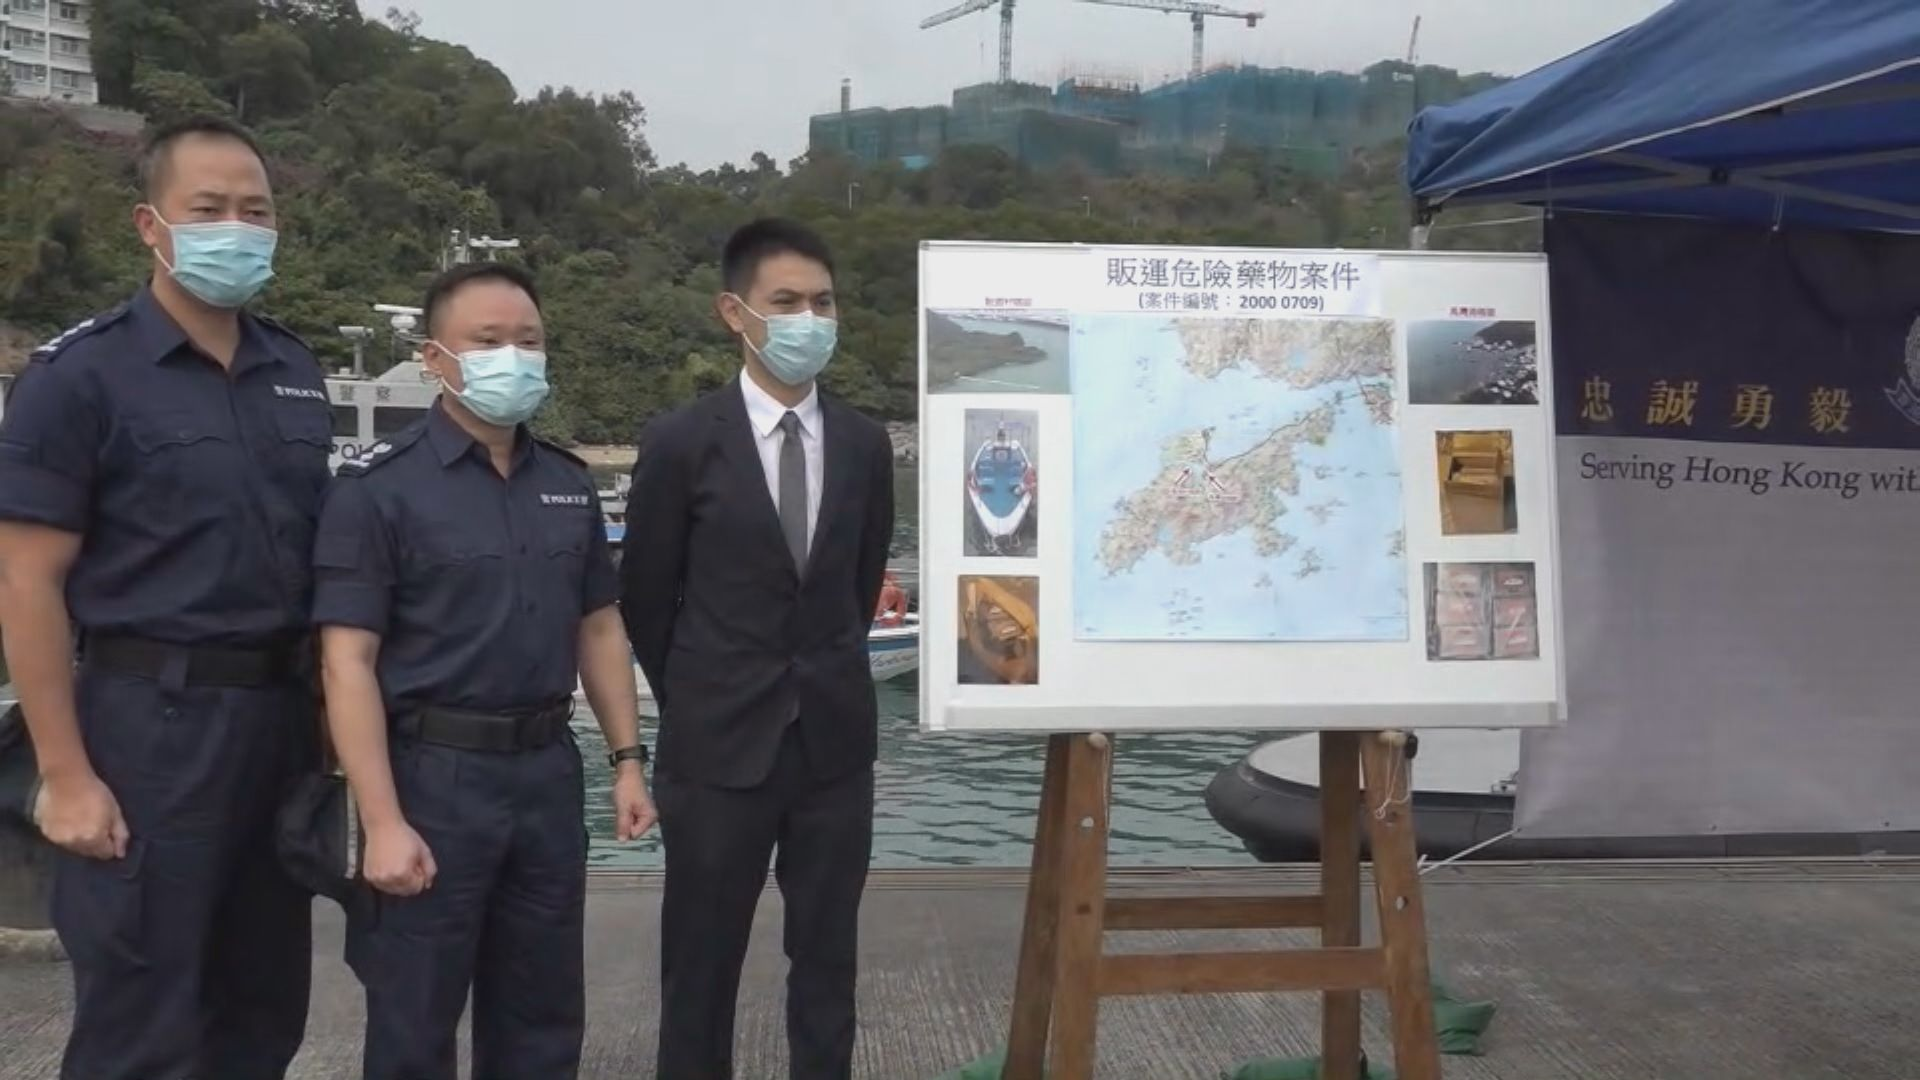 警方搗破海路販毒案 共檢獲20公斤可卡因